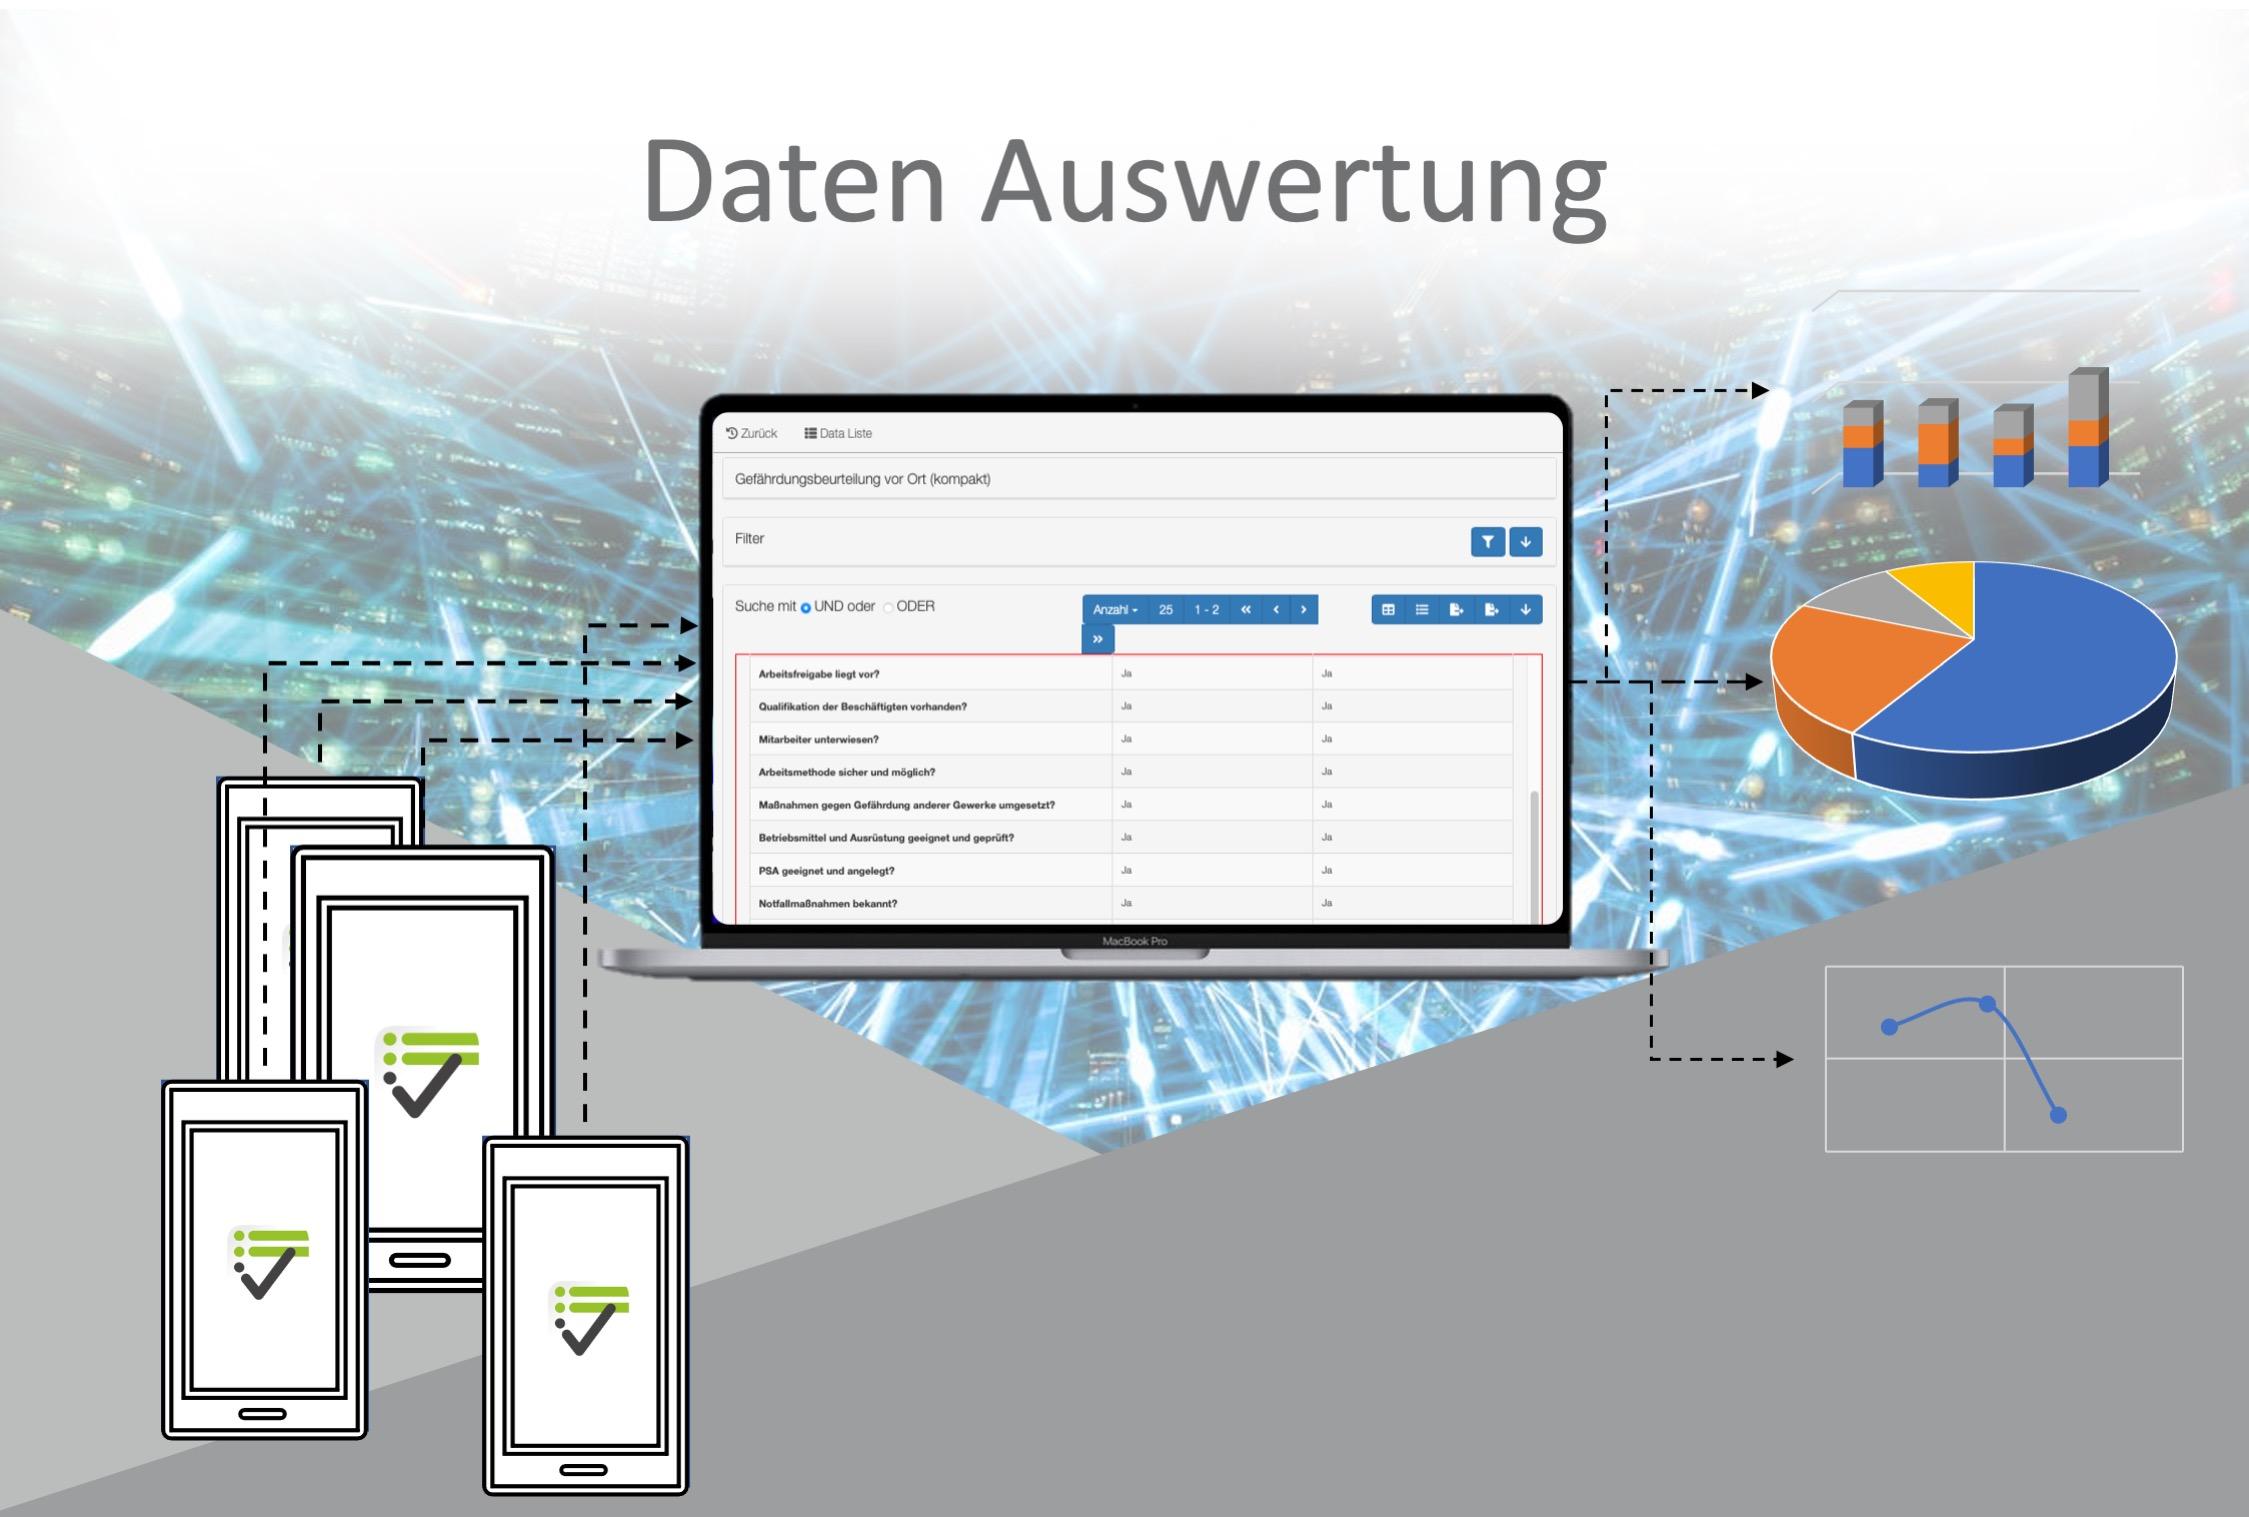 Online gespeicherte Checklisten werden durch das Online-Tool ausgewertet